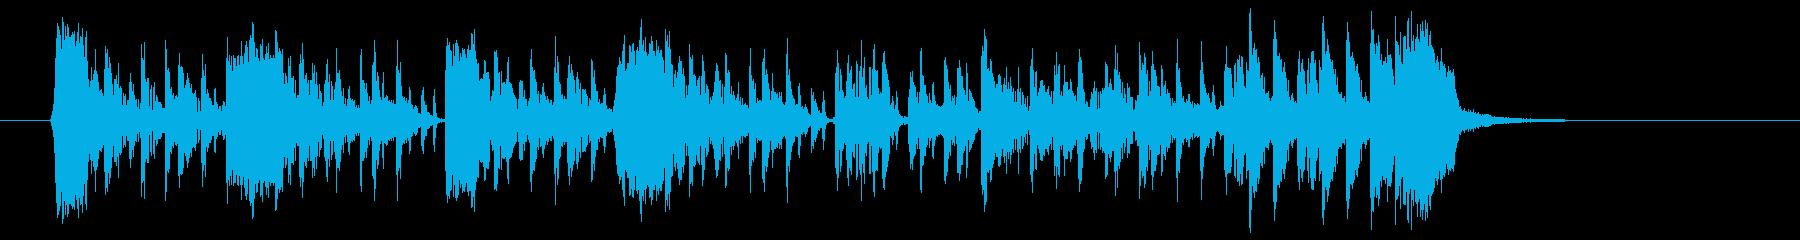 アップテンポのテクノロックの再生済みの波形